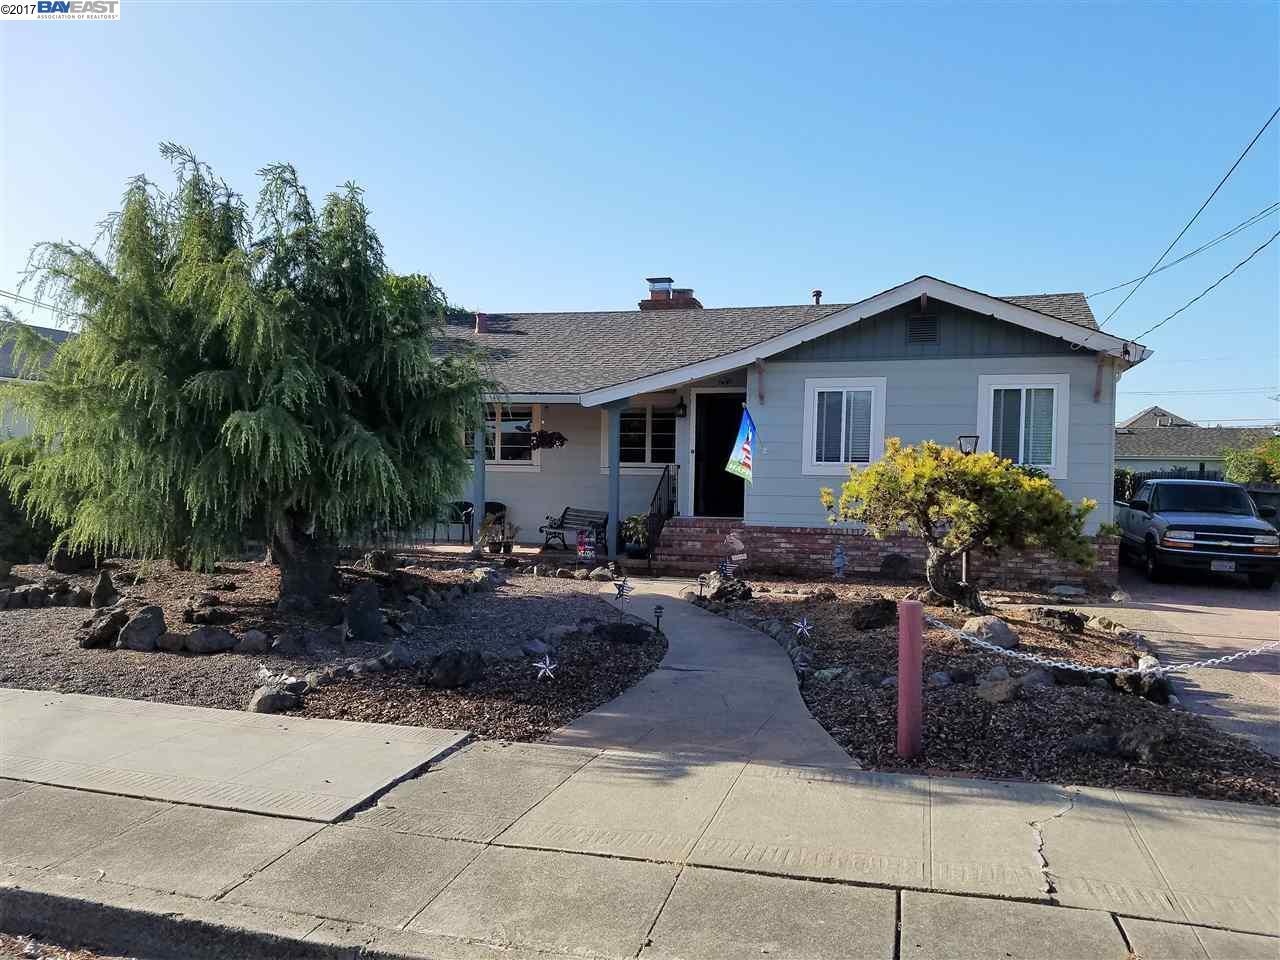 451 Elsie Ave, SAN LEANDRO, CA 94577